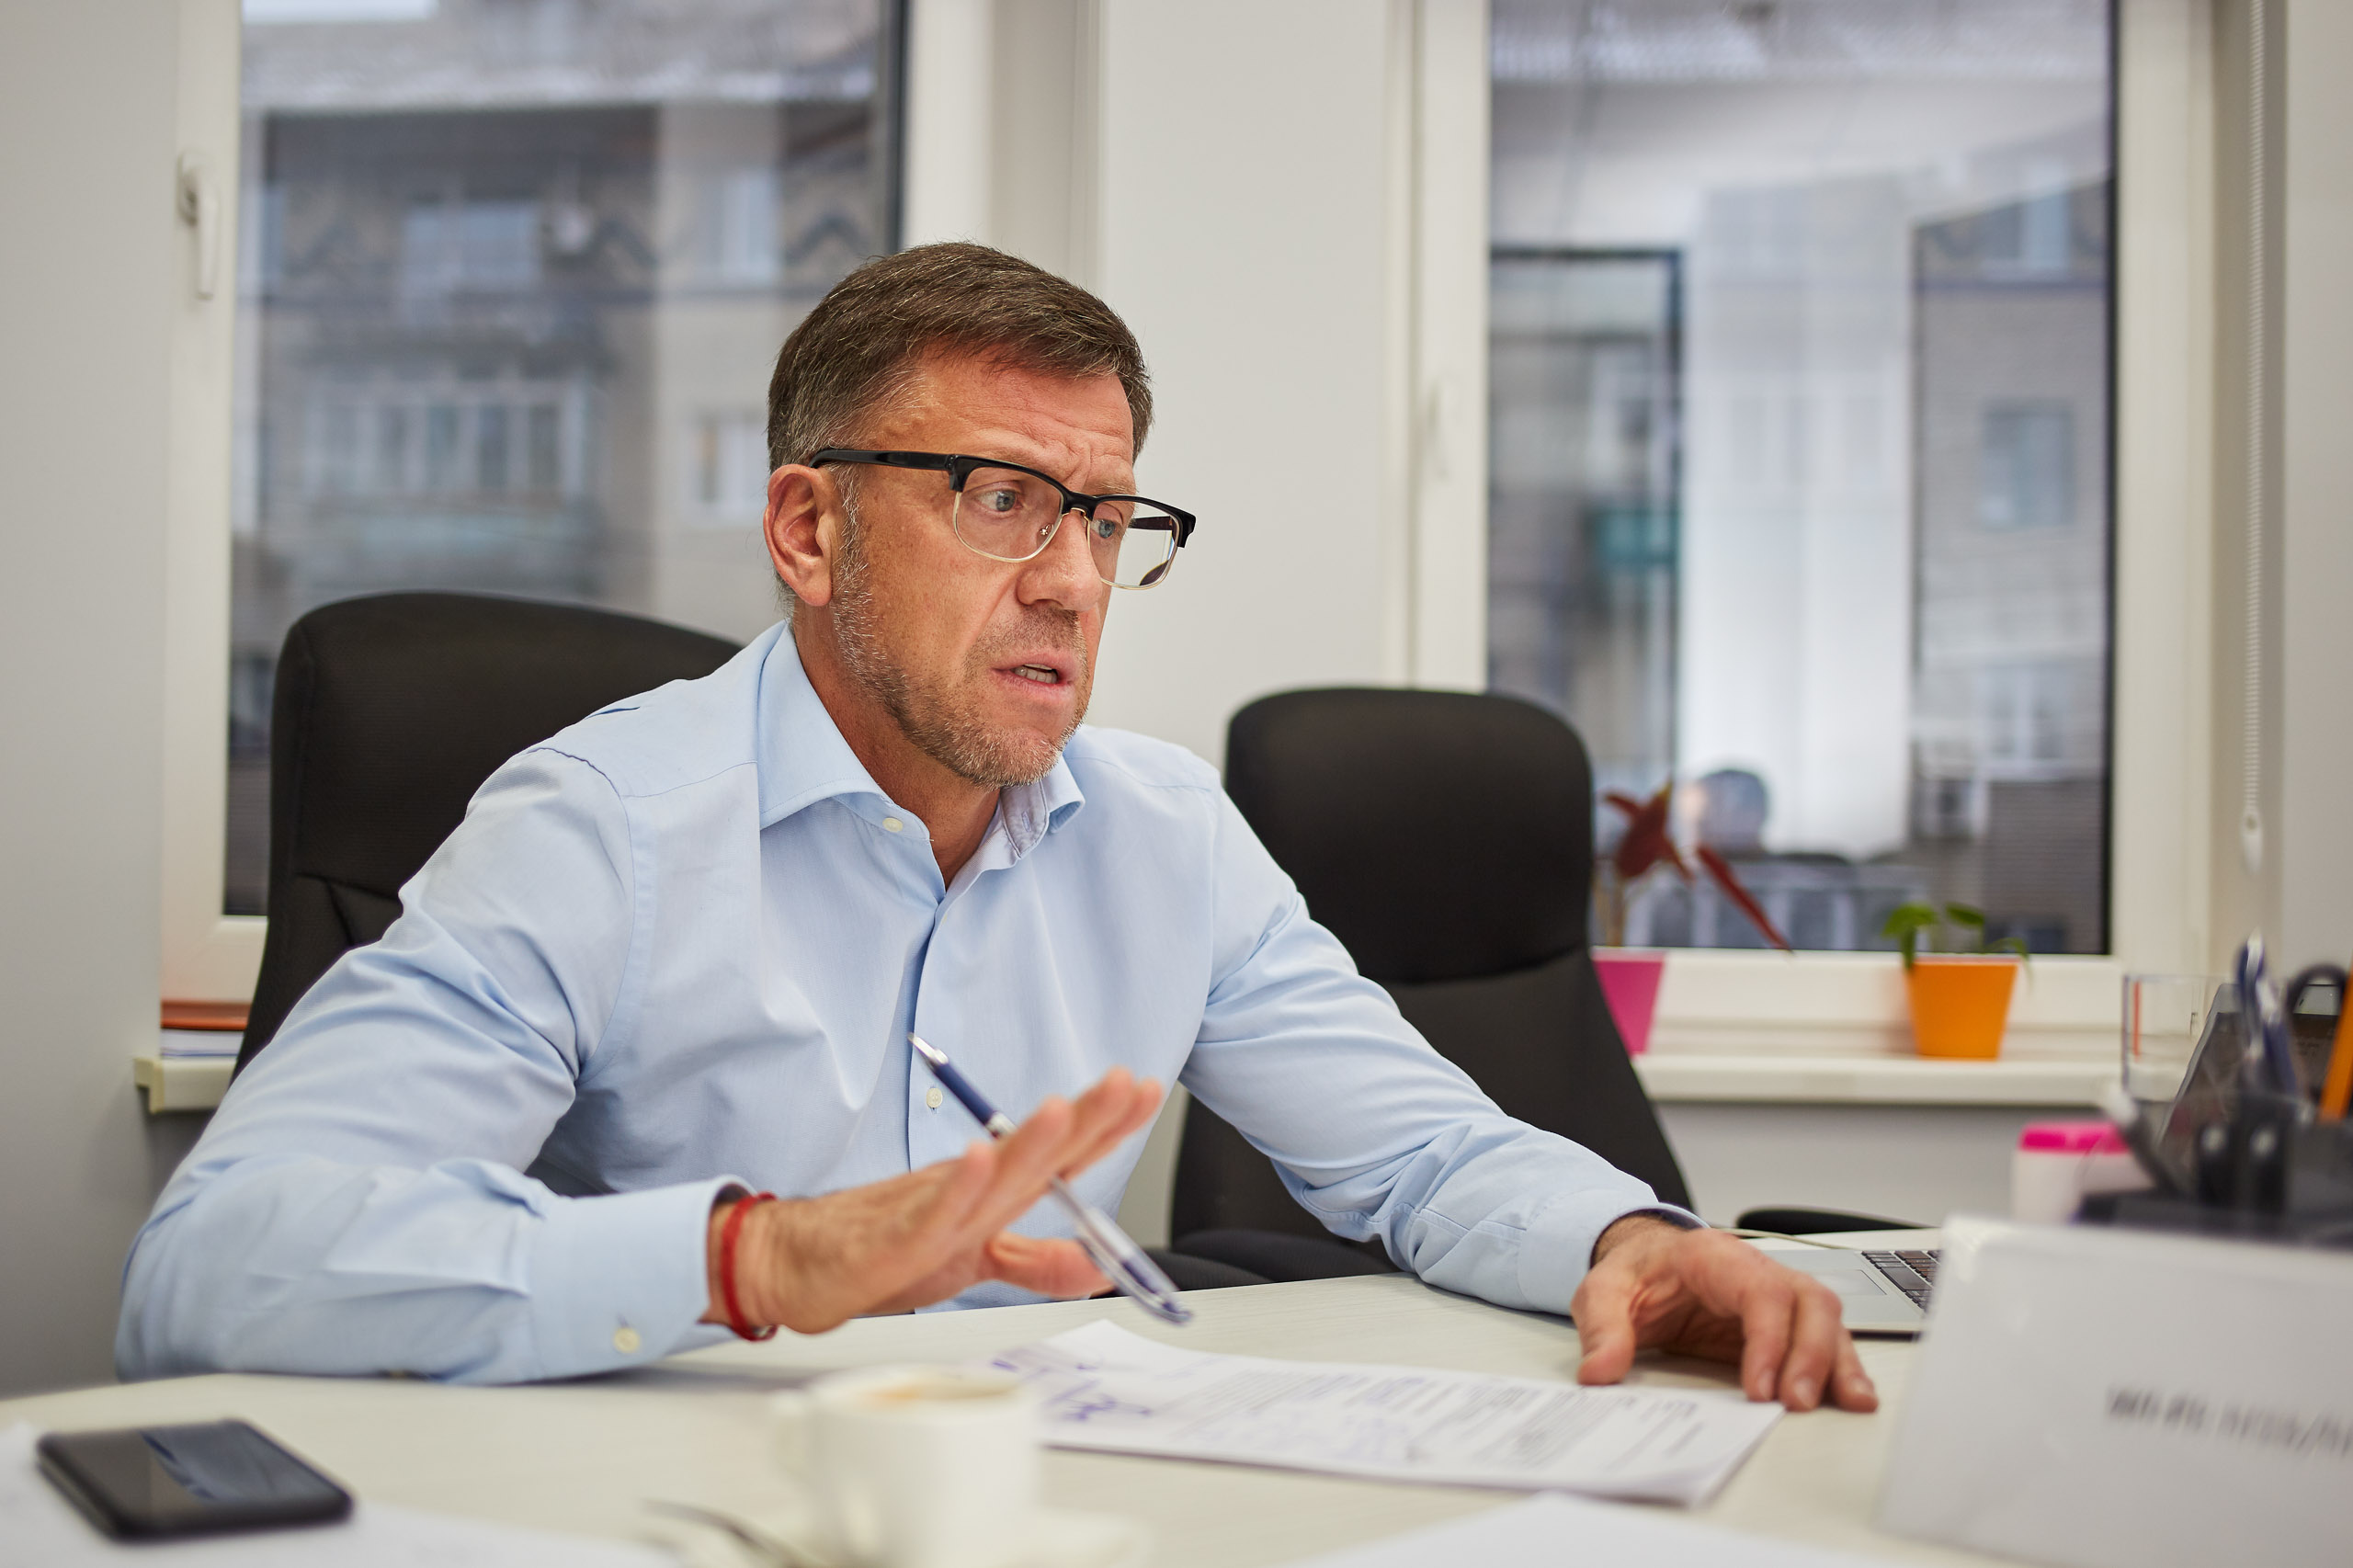 Борис Шестопалов – про посаду Почесного Консула, інвестиції та співпрацю України й Австрії